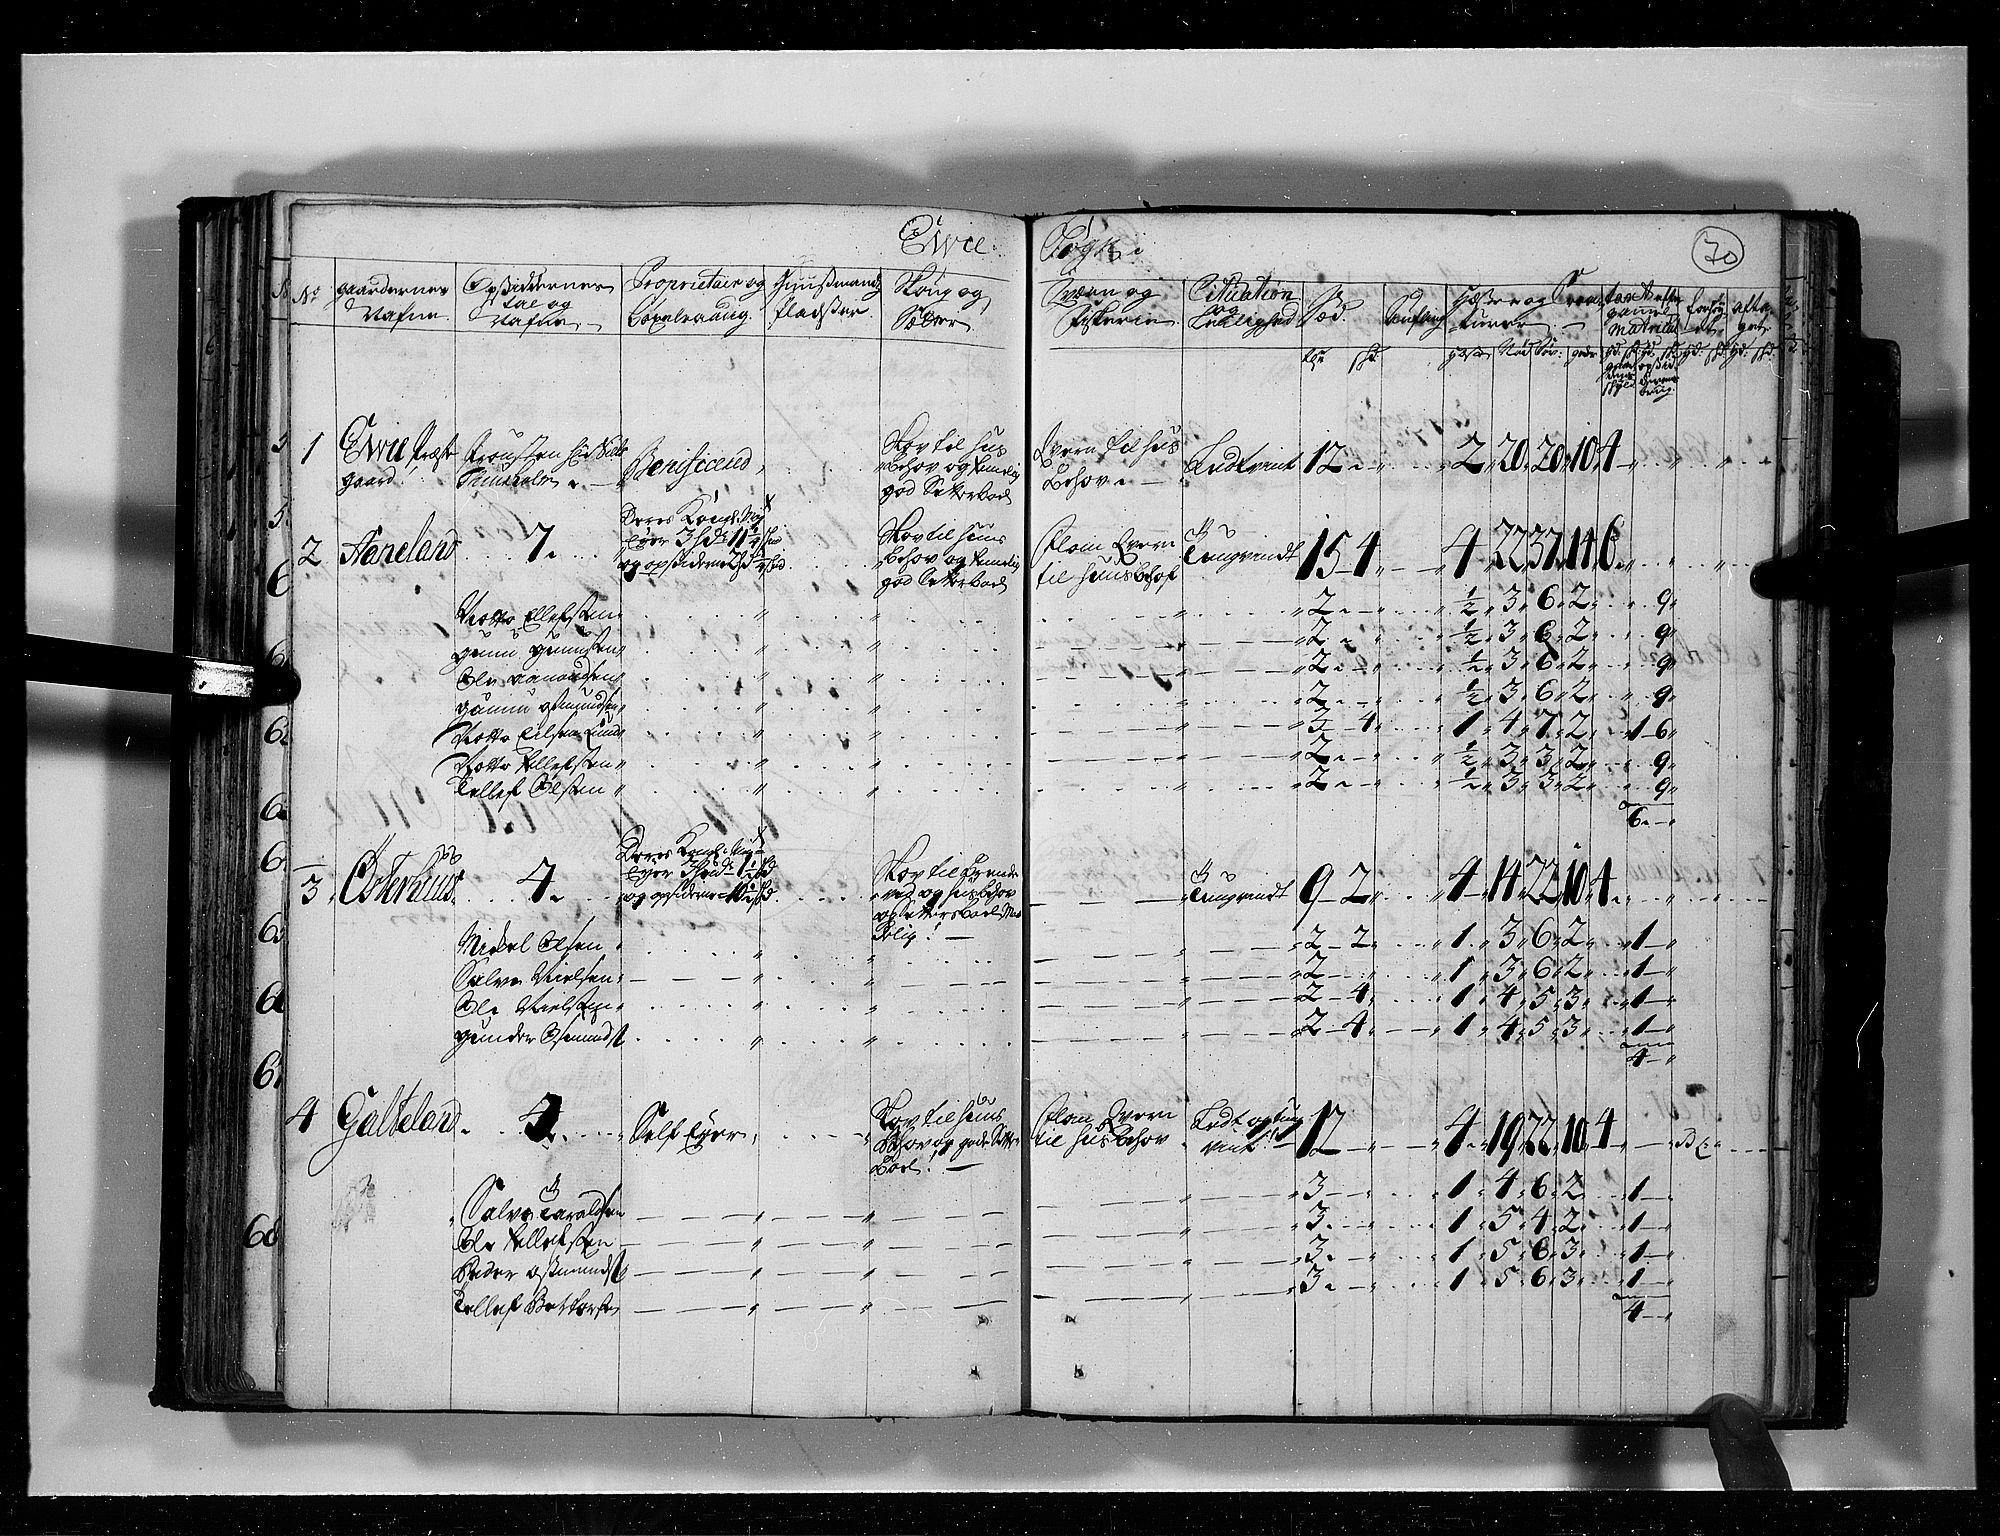 RA, Rentekammeret inntil 1814, Realistisk ordnet avdeling, N/Nb/Nbf/L0125: Råbyggelag eksaminasjonsprotokoll, 1723, s. 69b-70a